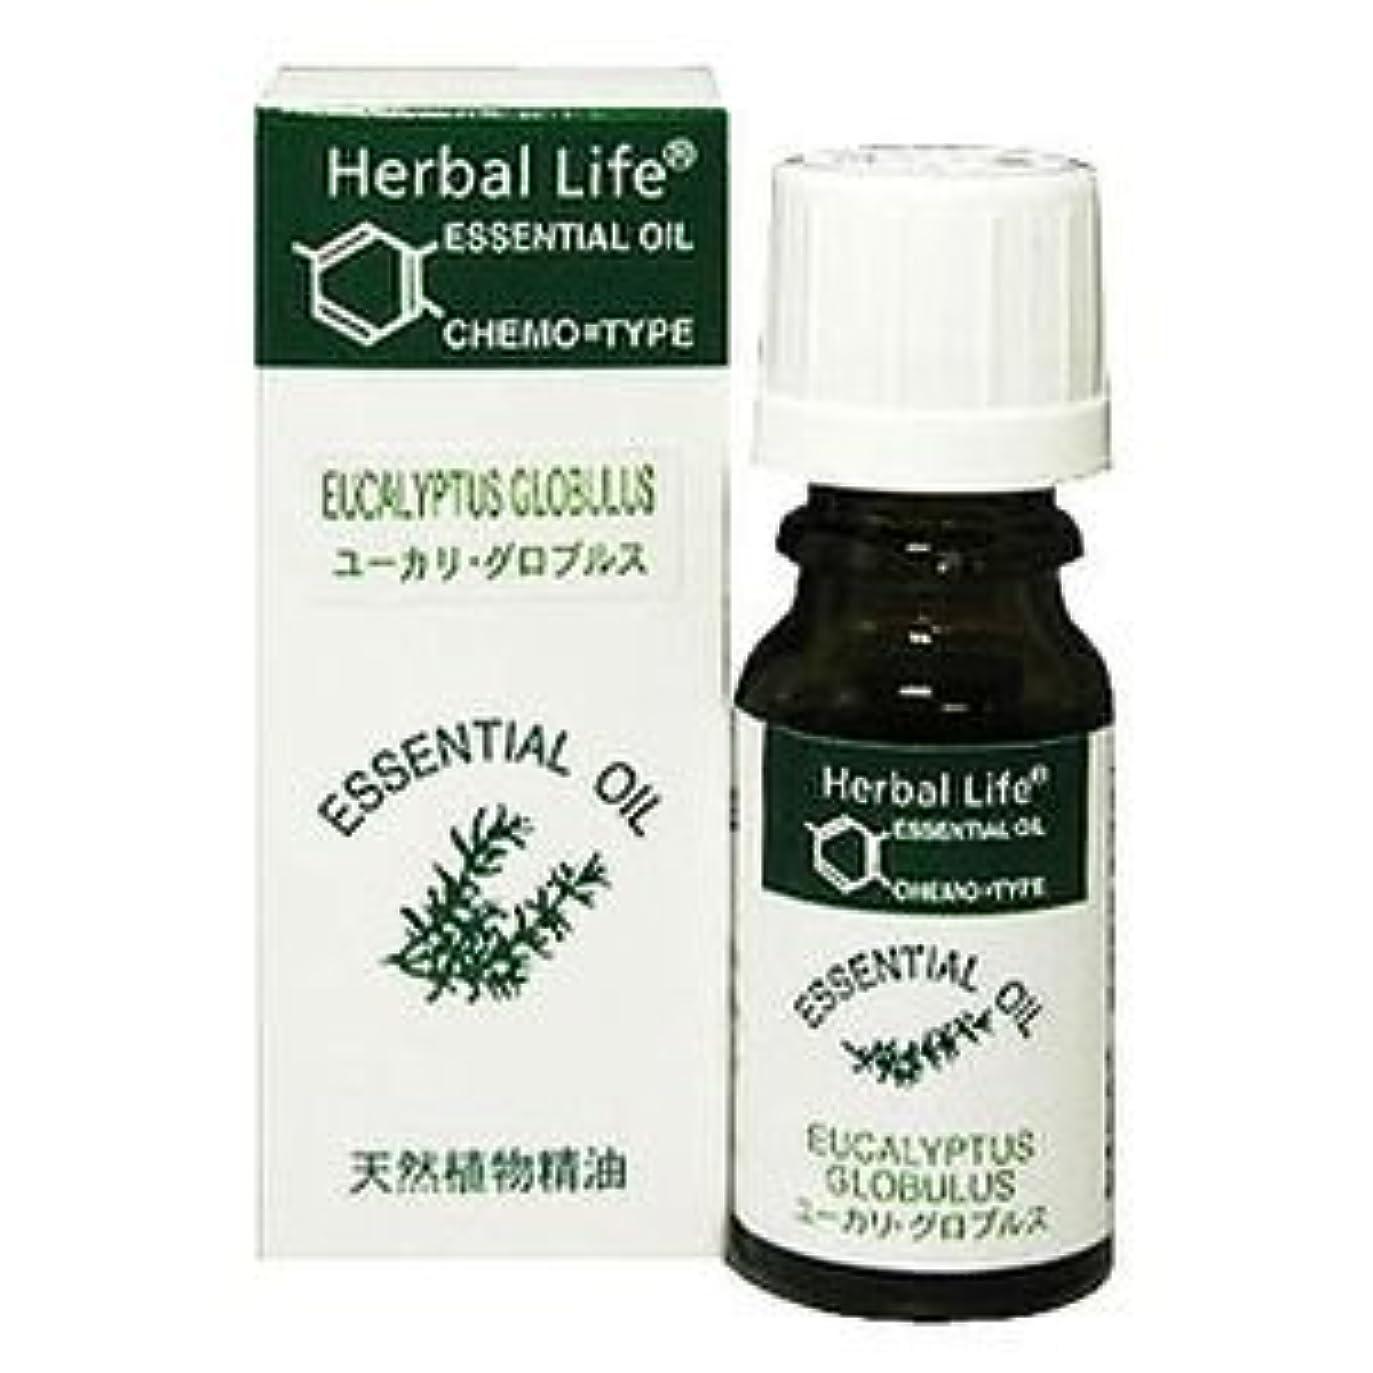 ベースアルミニウム夕方Herbal Life ユーカリ?グロブルス 10ml